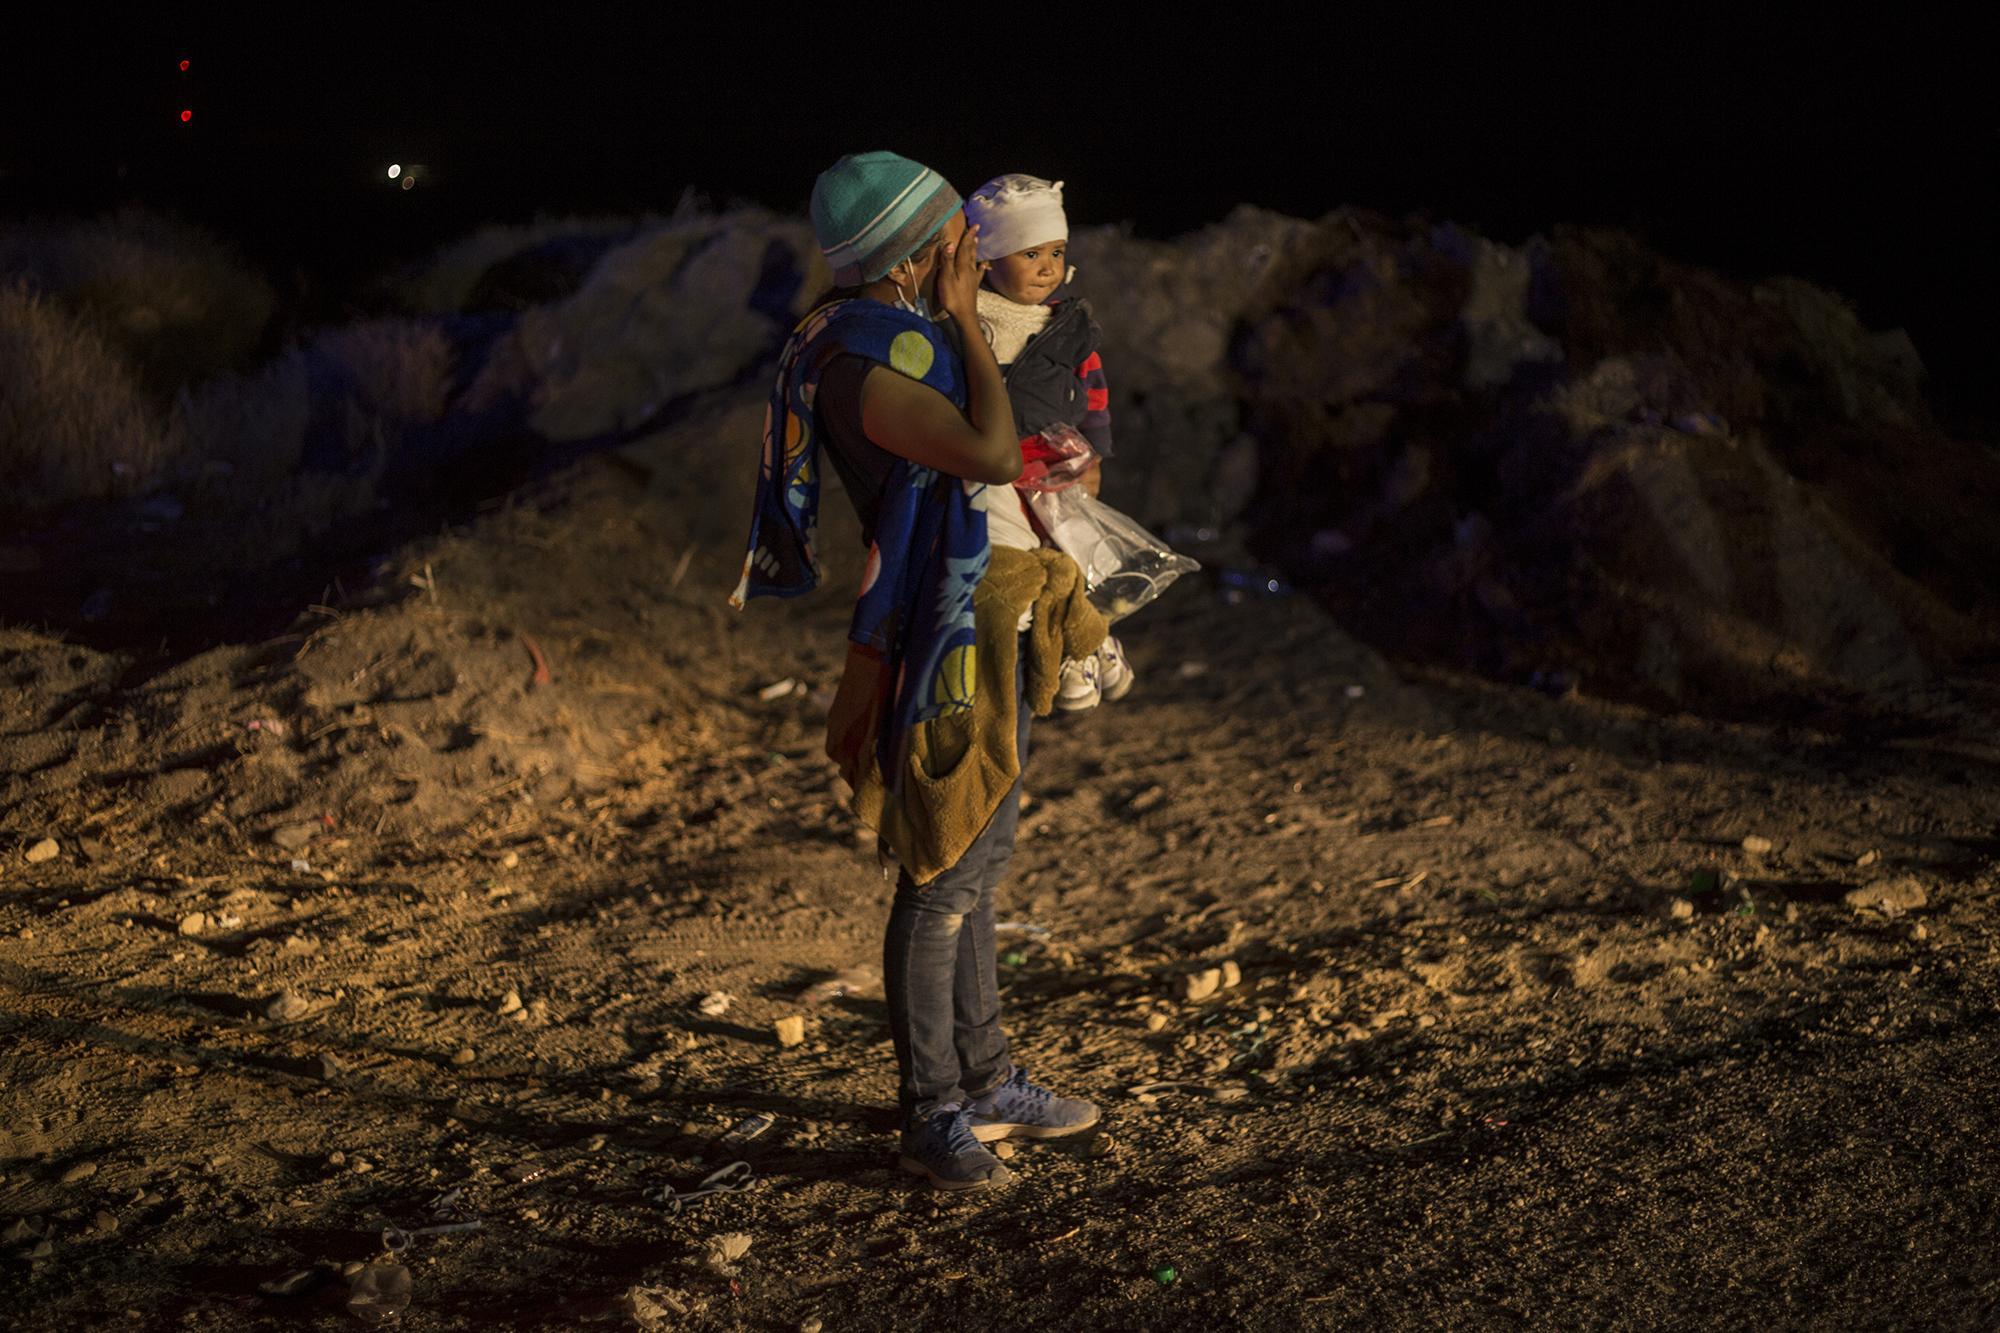 """Una mujer carga a su hijo en brazos frente a la Patrulla Fronteriza. Salió también de entre el monte para entregarse. """"Ya me siento tranquila de estar aquí"""", le dijo a un agente que la recibió. Los patrulleros no facilitaron las condiciones para conversar con los migrantes detenidos."""